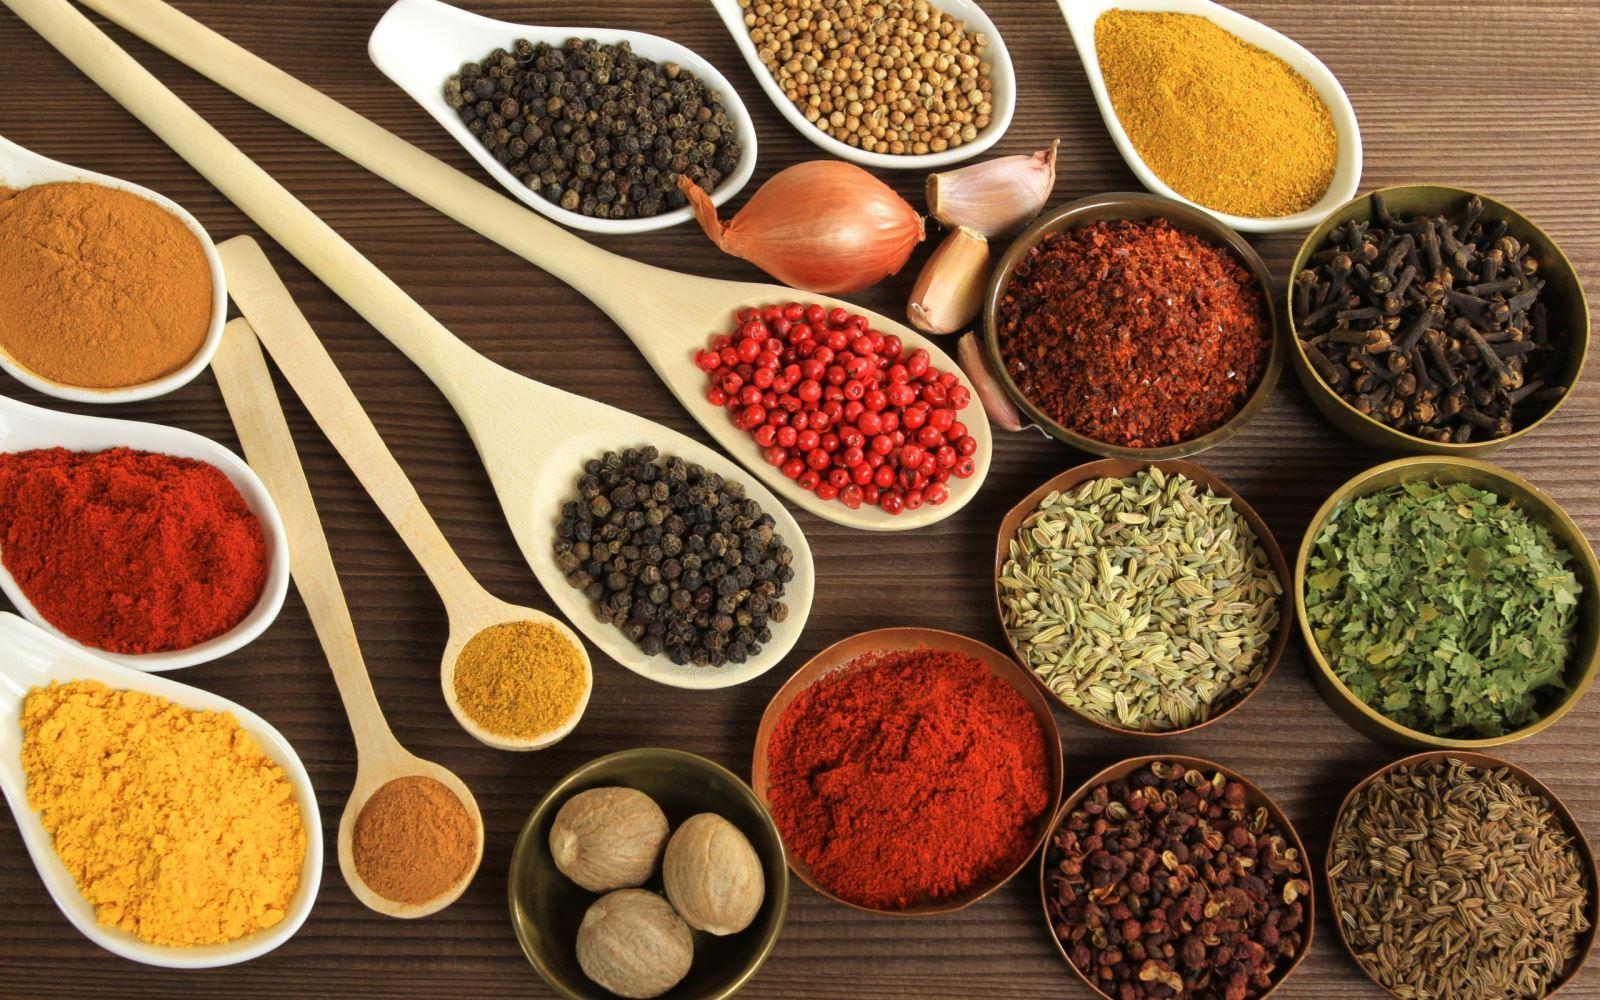 Cách gia giảm hương liệu trong món ăn